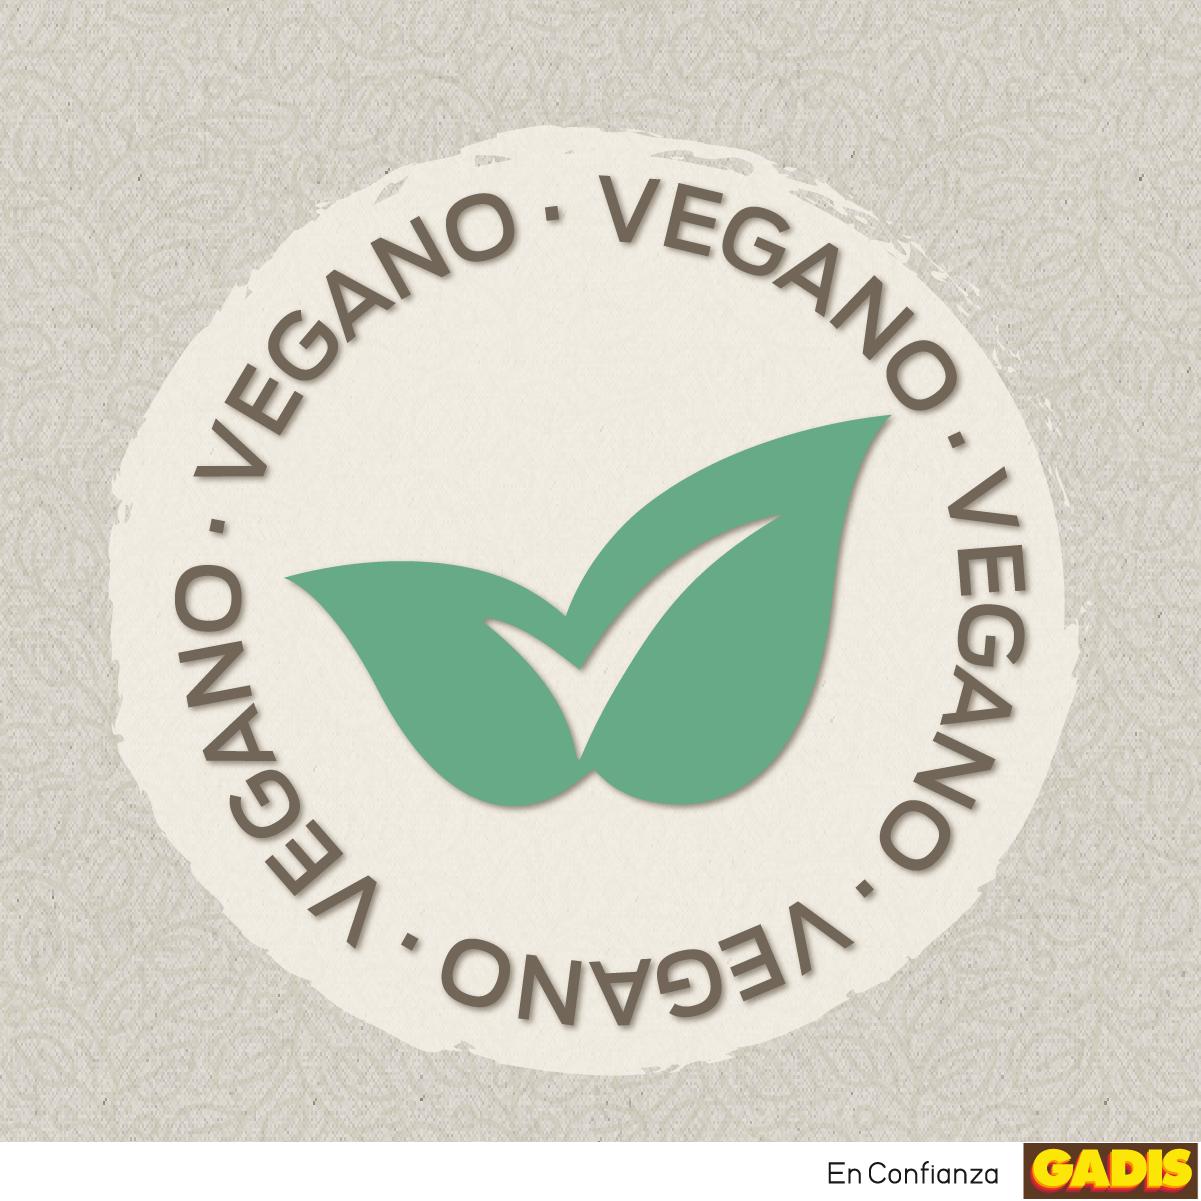 Descubre estos productos veganos: tofu y seitán